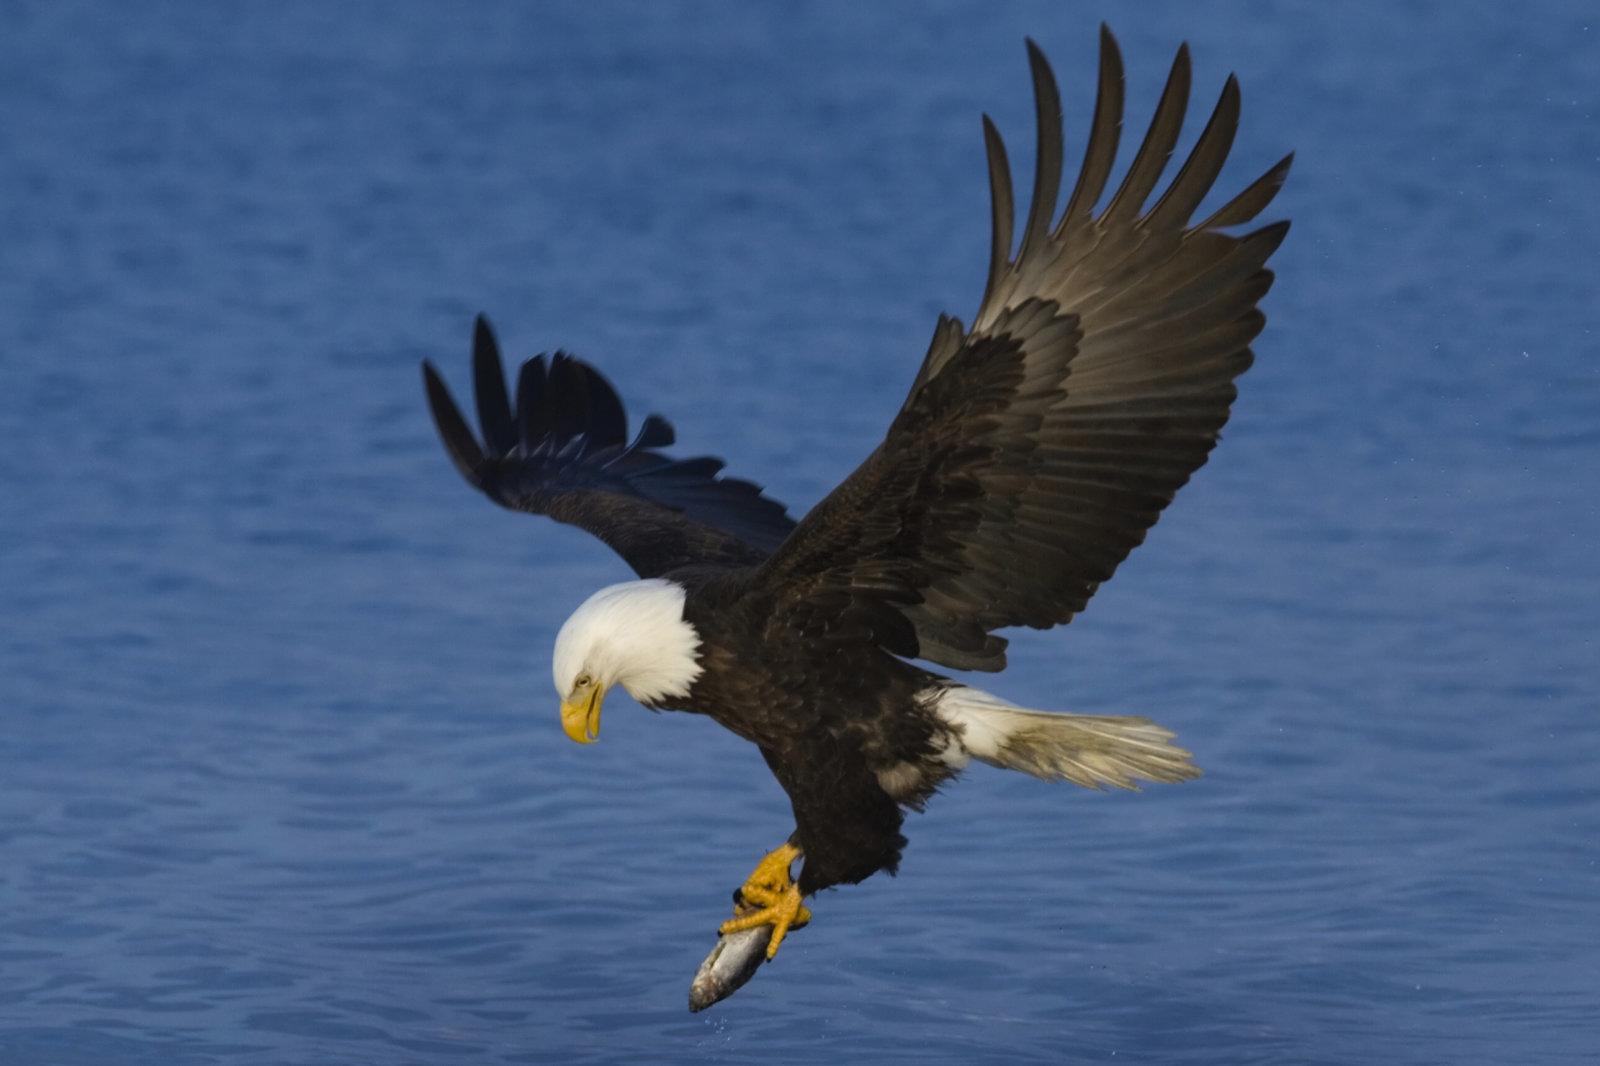 Alaska bald eagle fishing